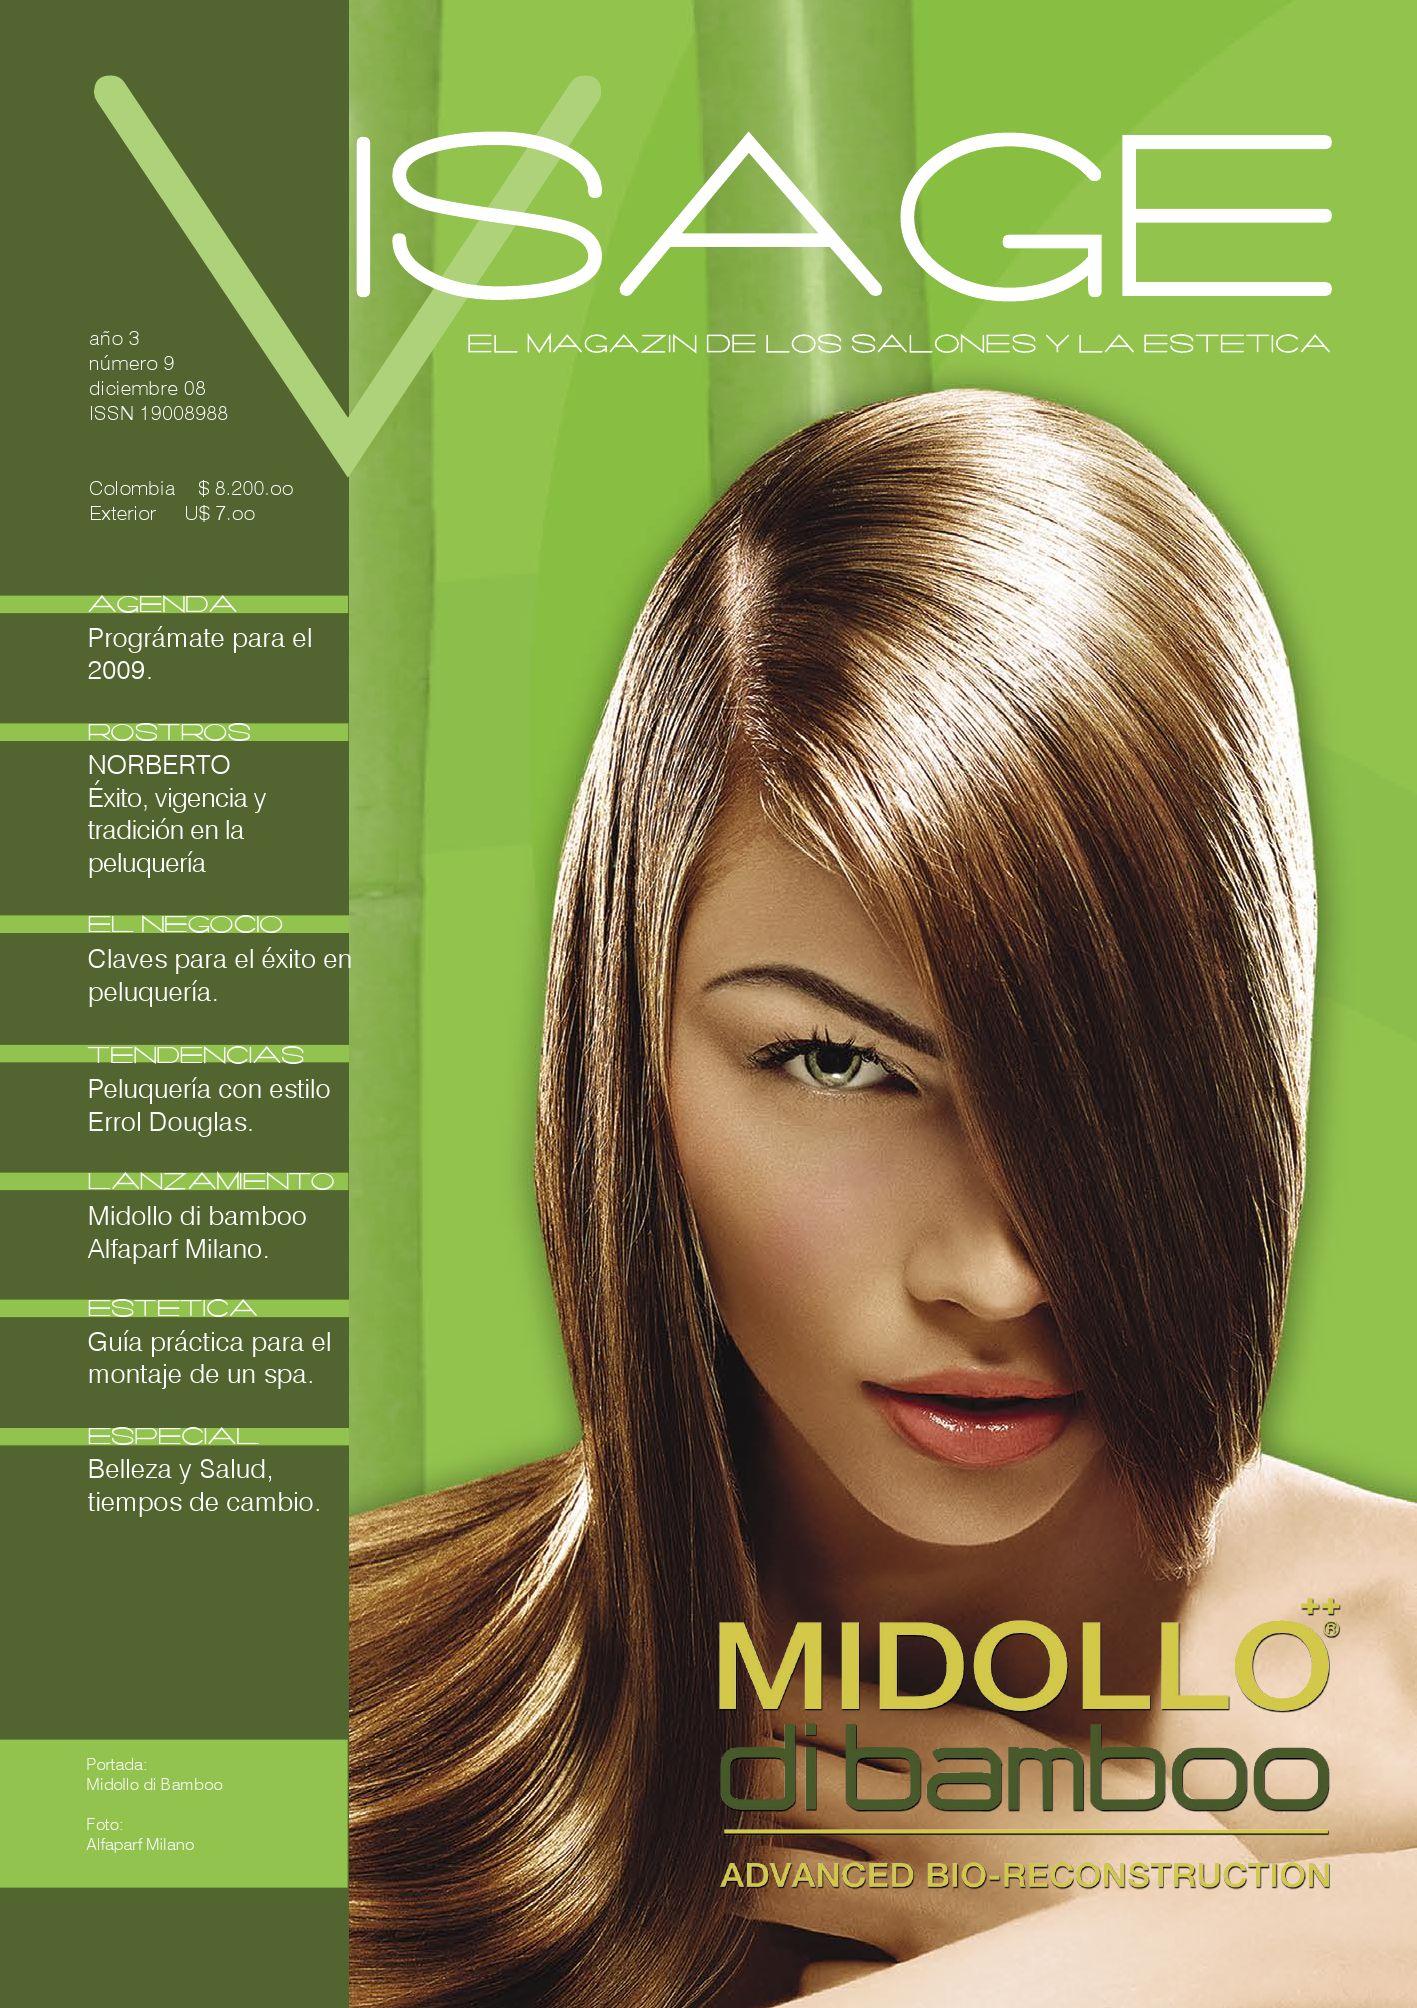 Revista Visage #9 by Publicaciones Visage Ltda. - issuu